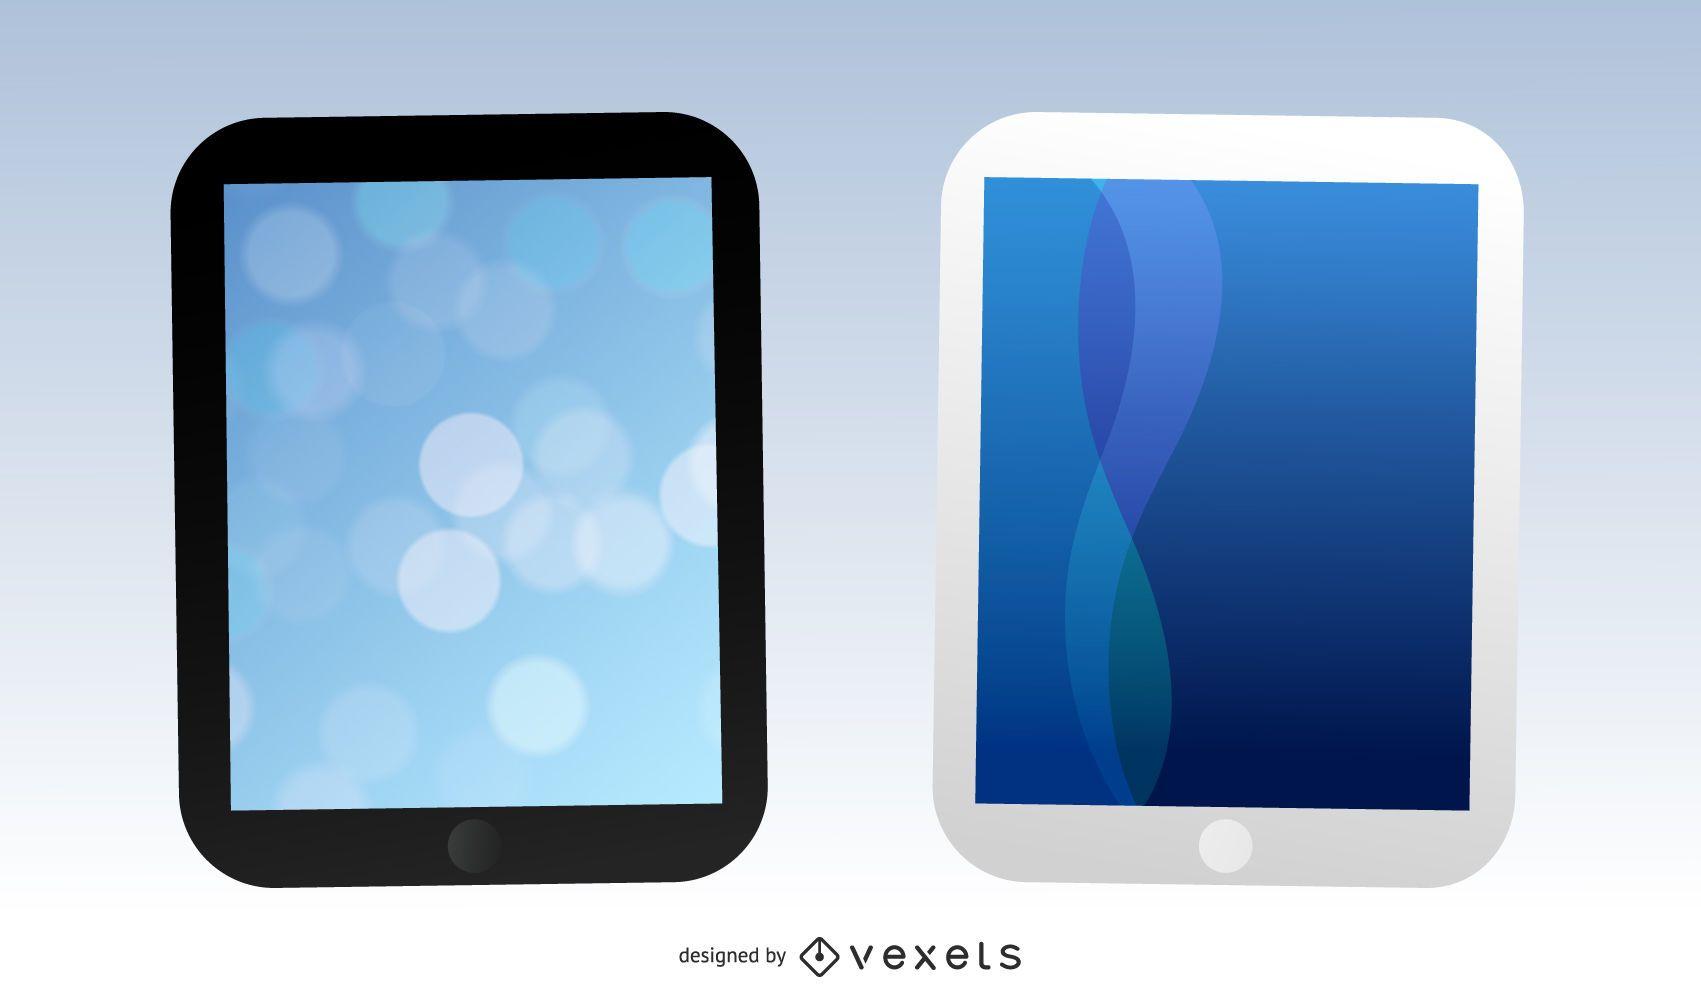 Vector Ipad - Vector download